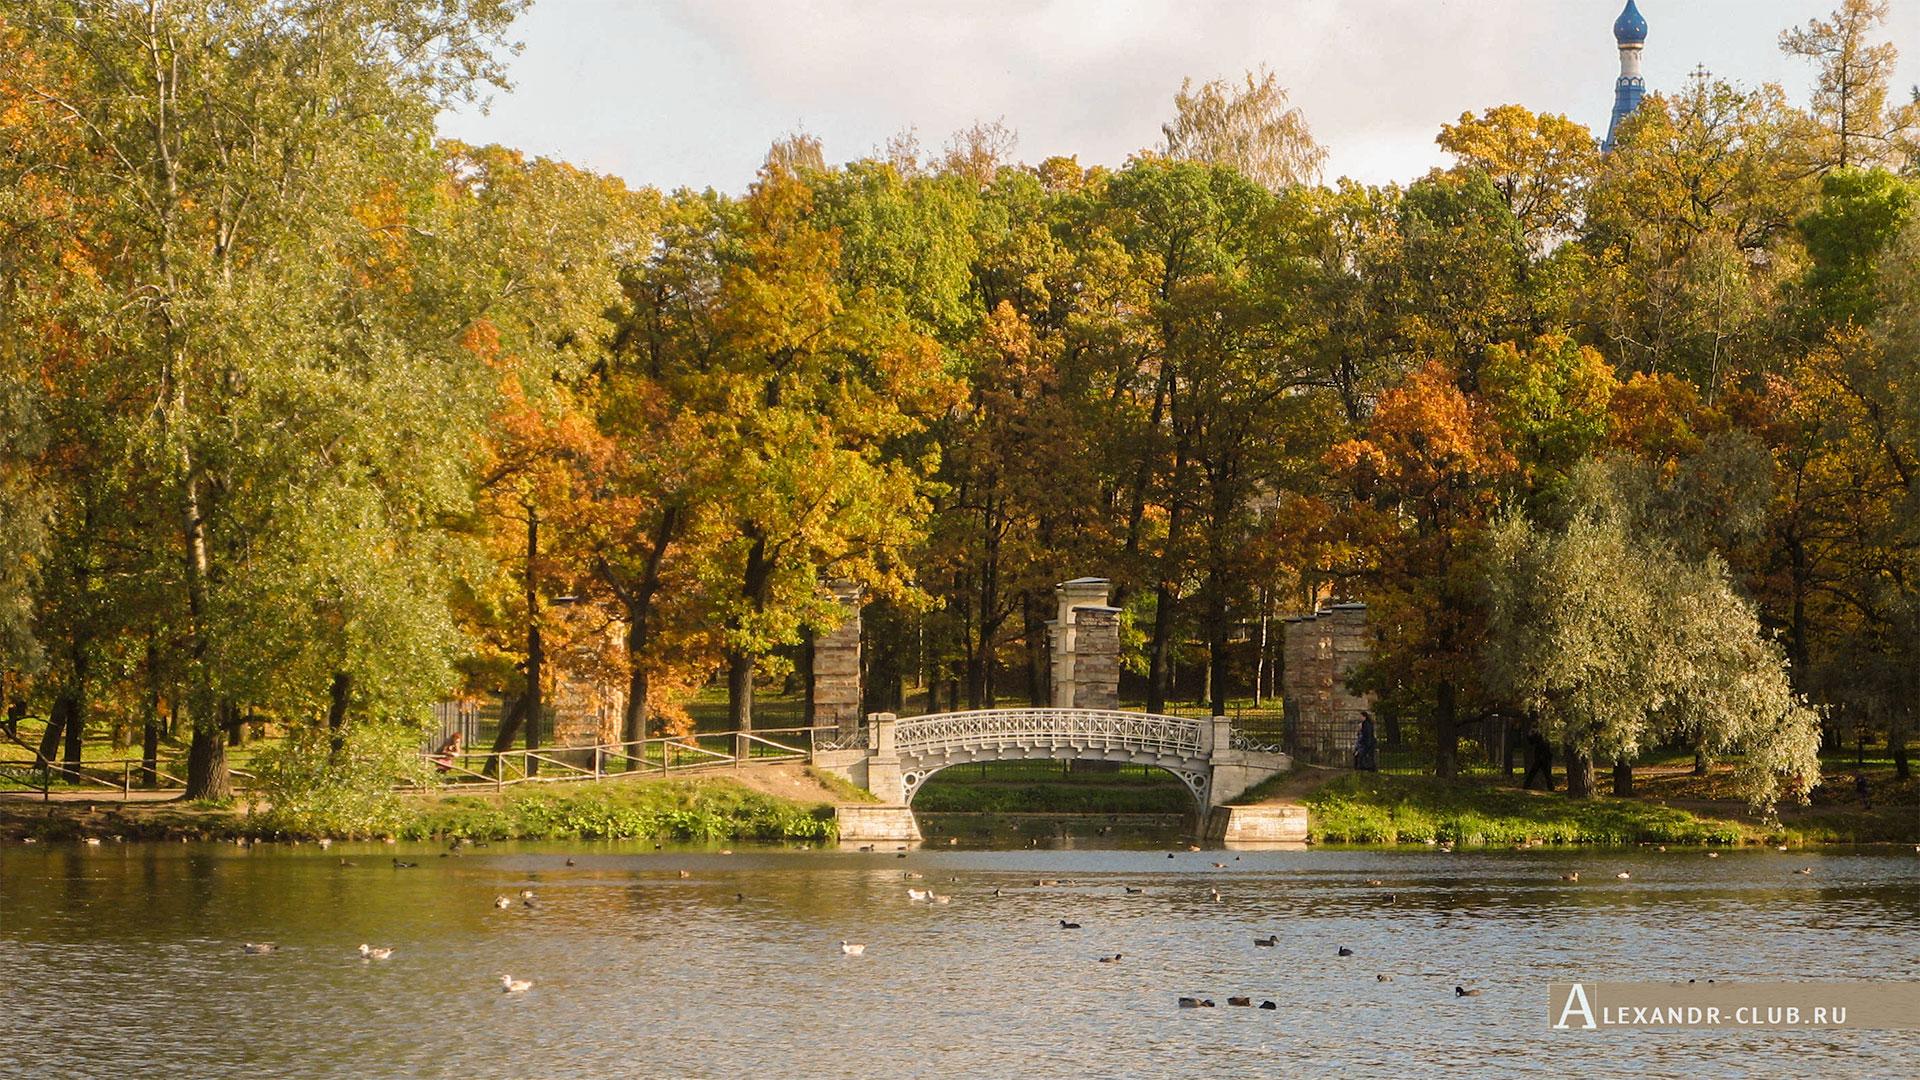 Гатчина, Гатчинский парк, осень, Белое озеро и Адмиралтейство